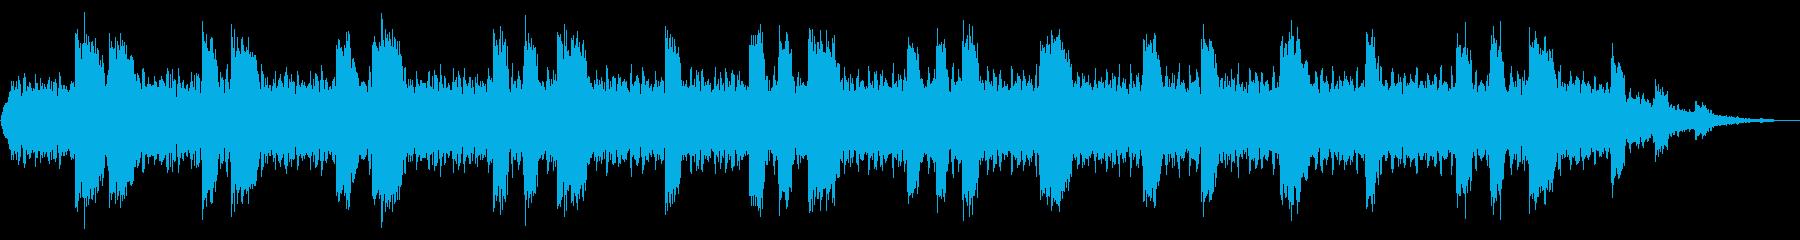 SF系の背景などにの再生済みの波形